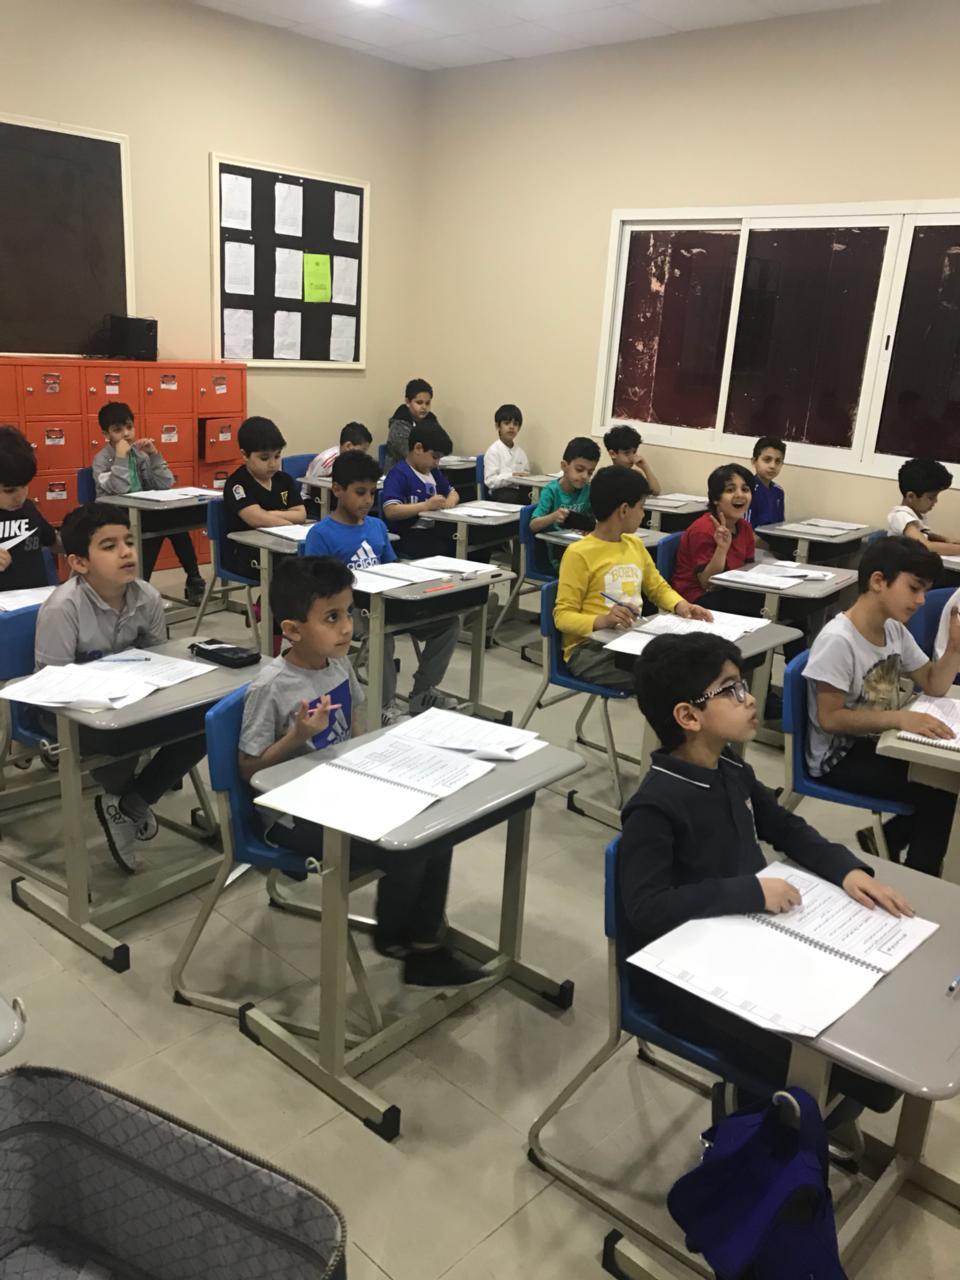 """المنصورة -"""" نسيوا """"ووزعوا امتحان أخر العام بدلاً من نصف العام على التلاميذ  News_410"""